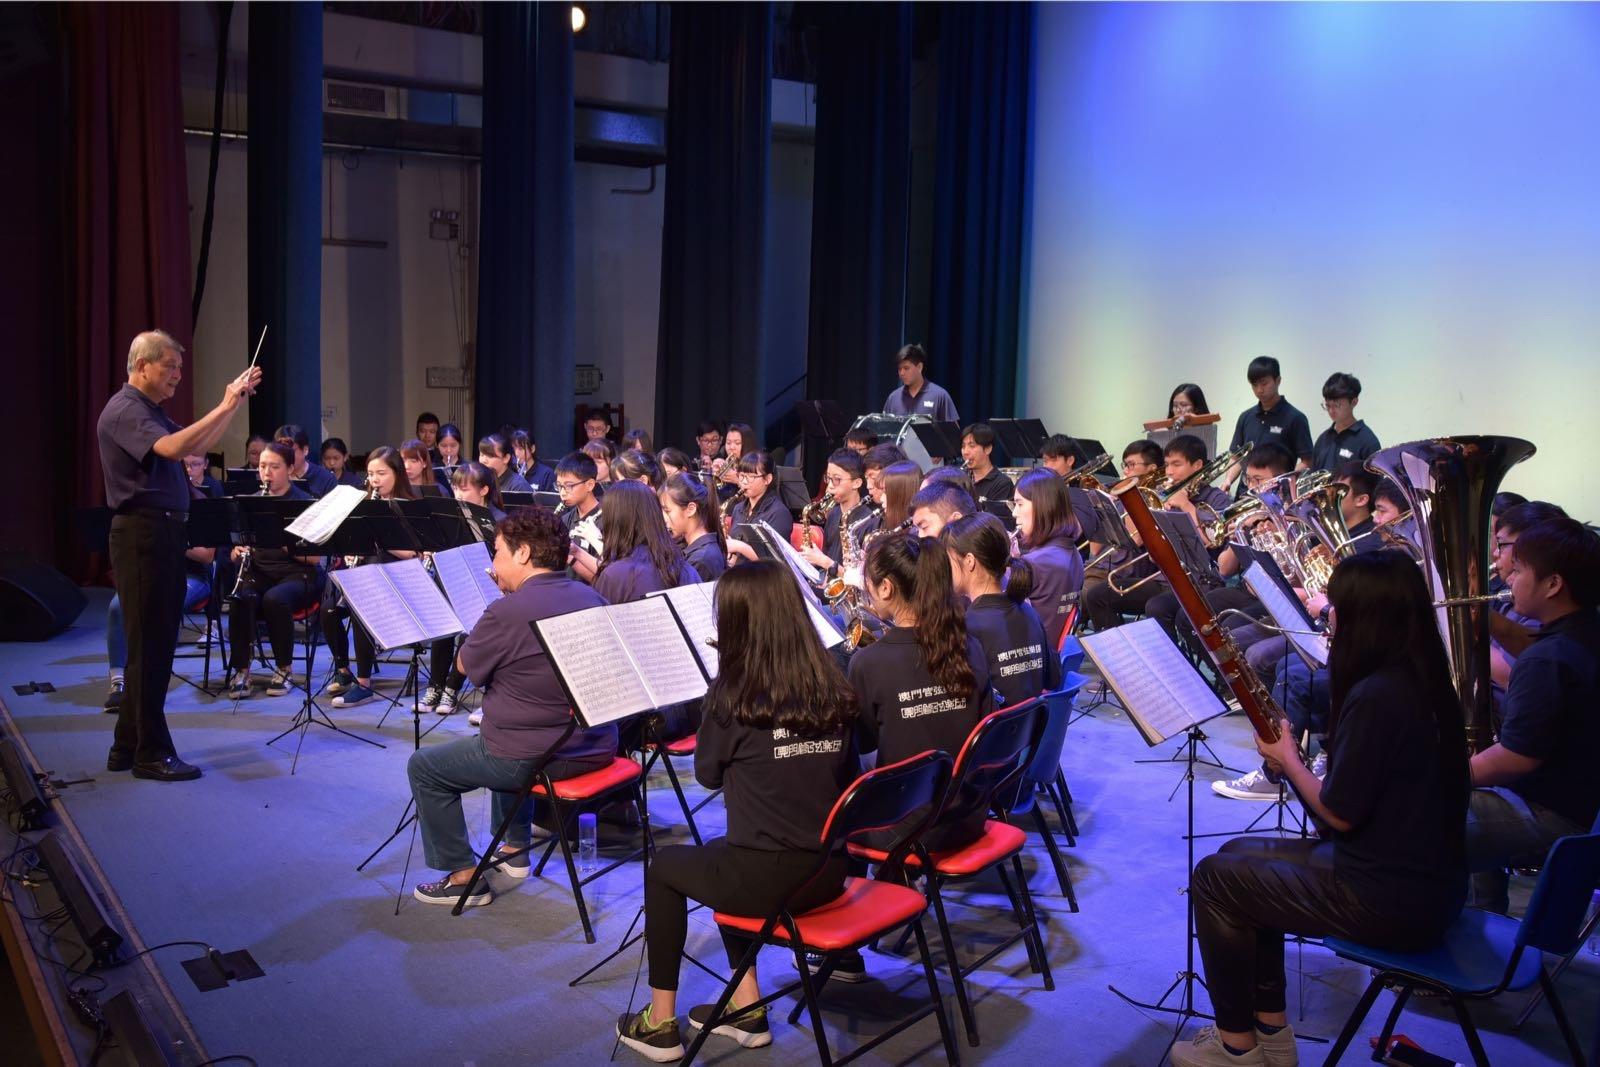 《傳統節日 粵韻名曲音樂會》演出相片(劇照由澳門基金會提供)